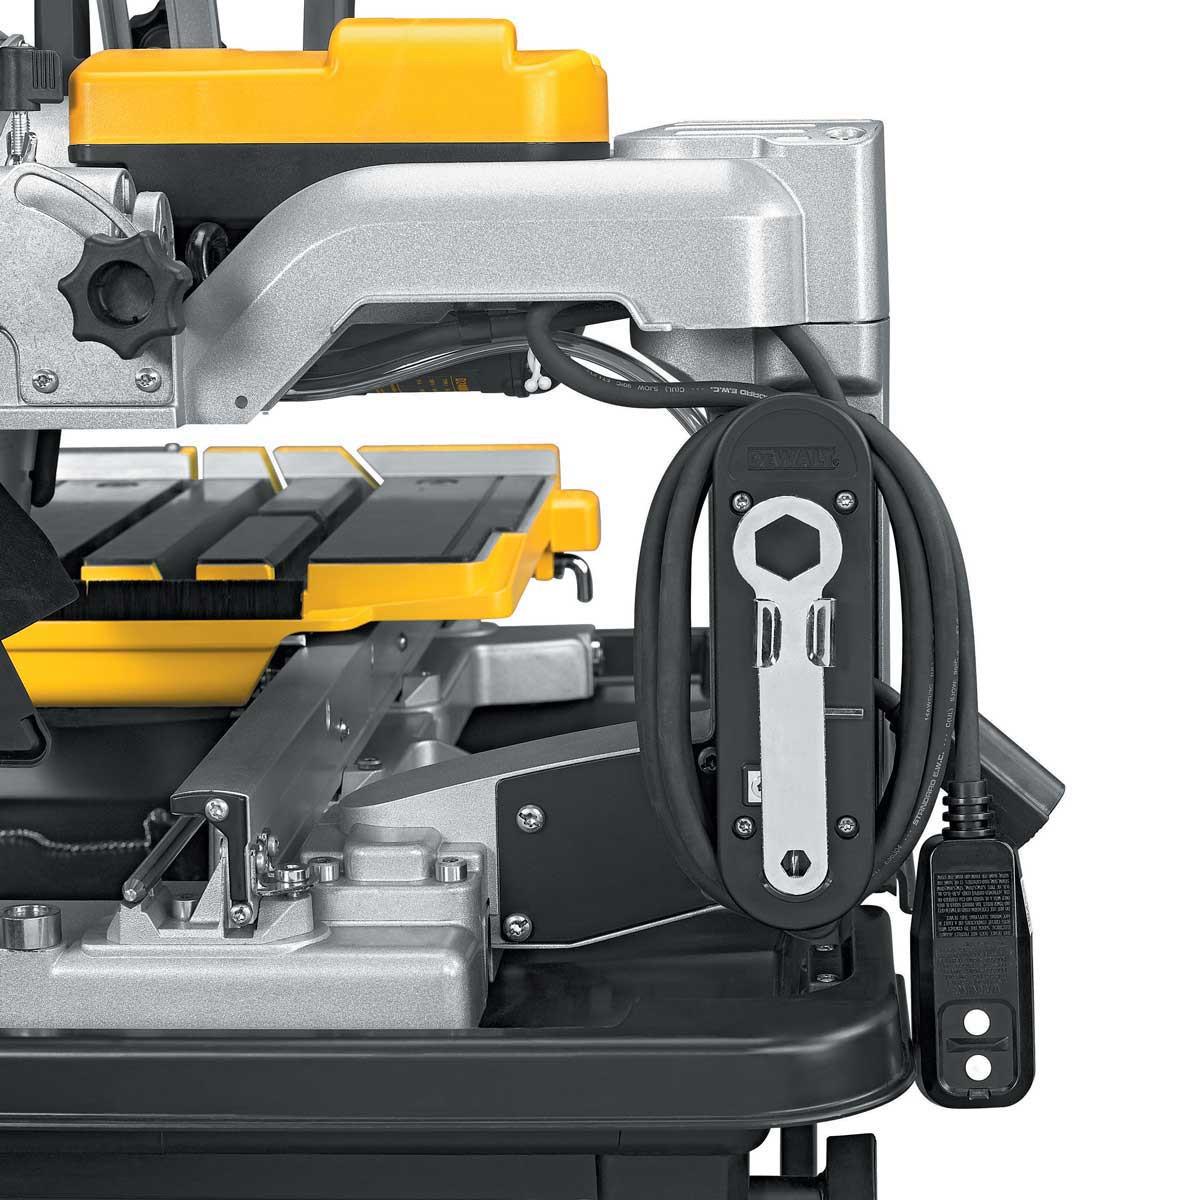 Dewalt D24000 cutting table locking